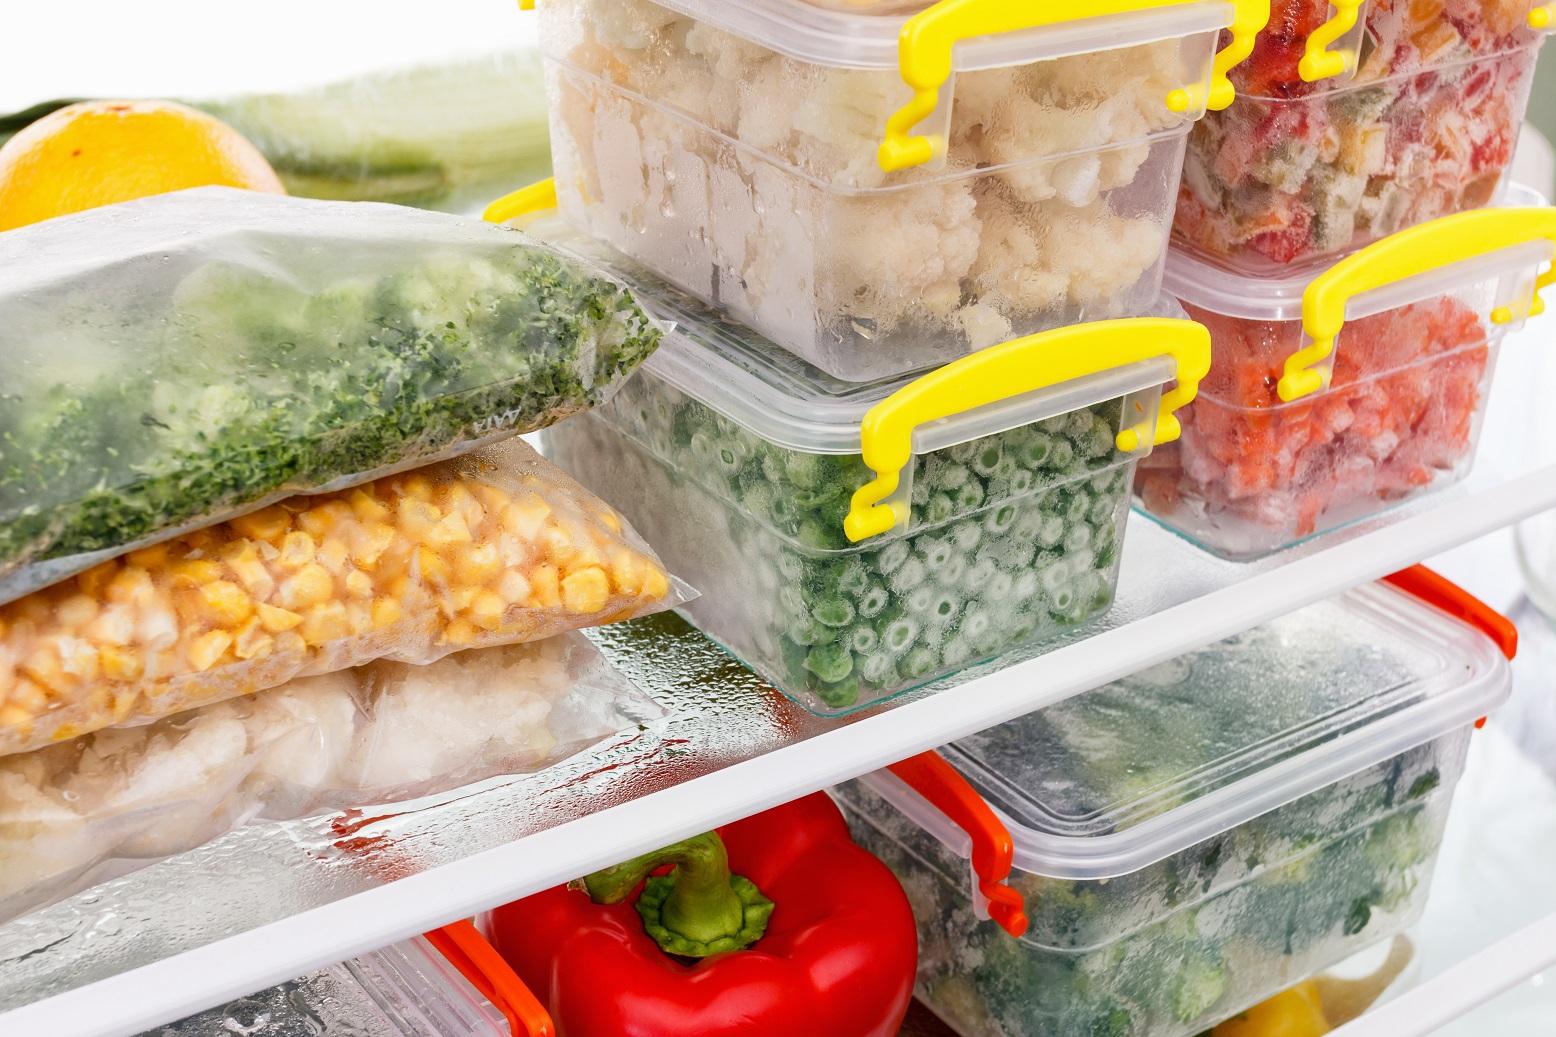 Conservação de alimentos: entenda como preservar os nutrientes -Webrun